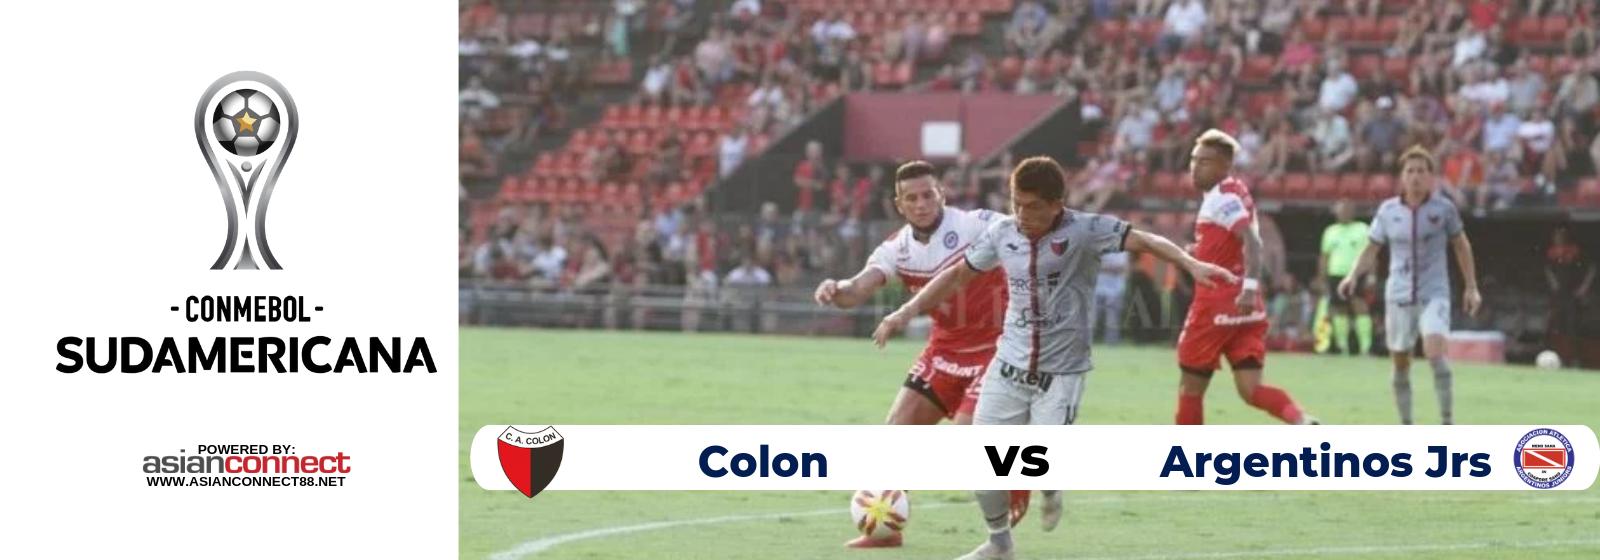 Copa Sudamericana Colon Vs. Argentinos Jrs Asian Connect